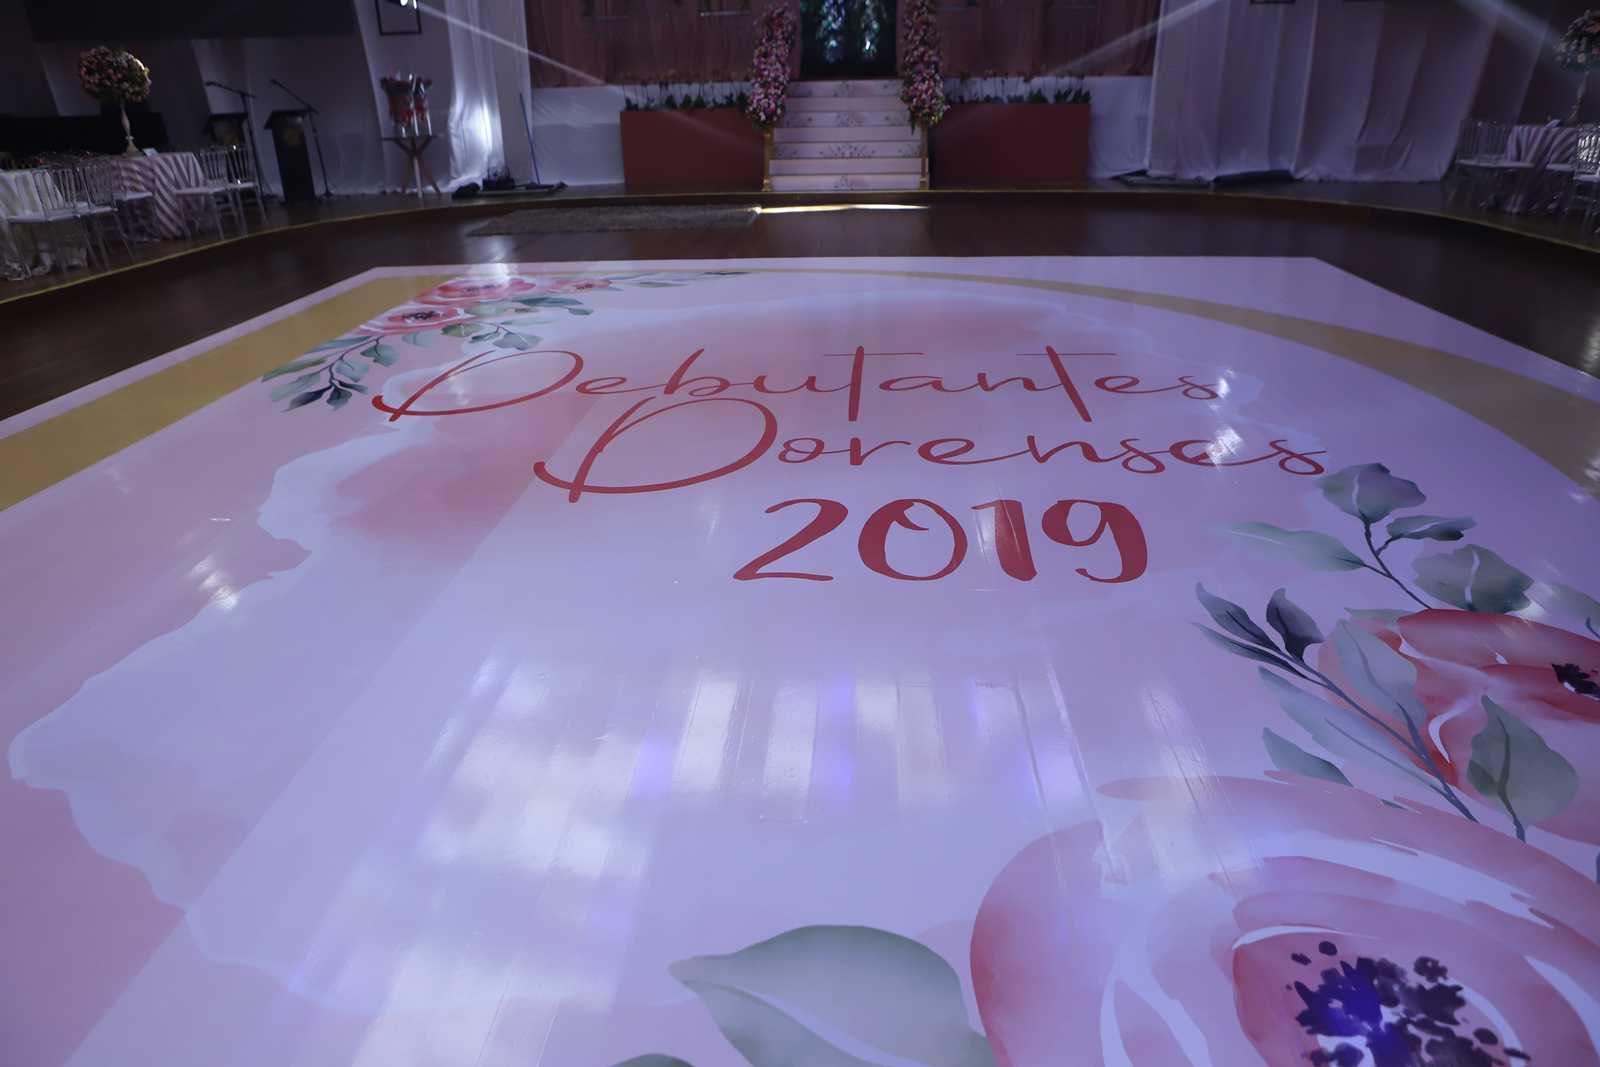 Debutantes Dorenses 2019 - Decoração (Fernando Camargo)